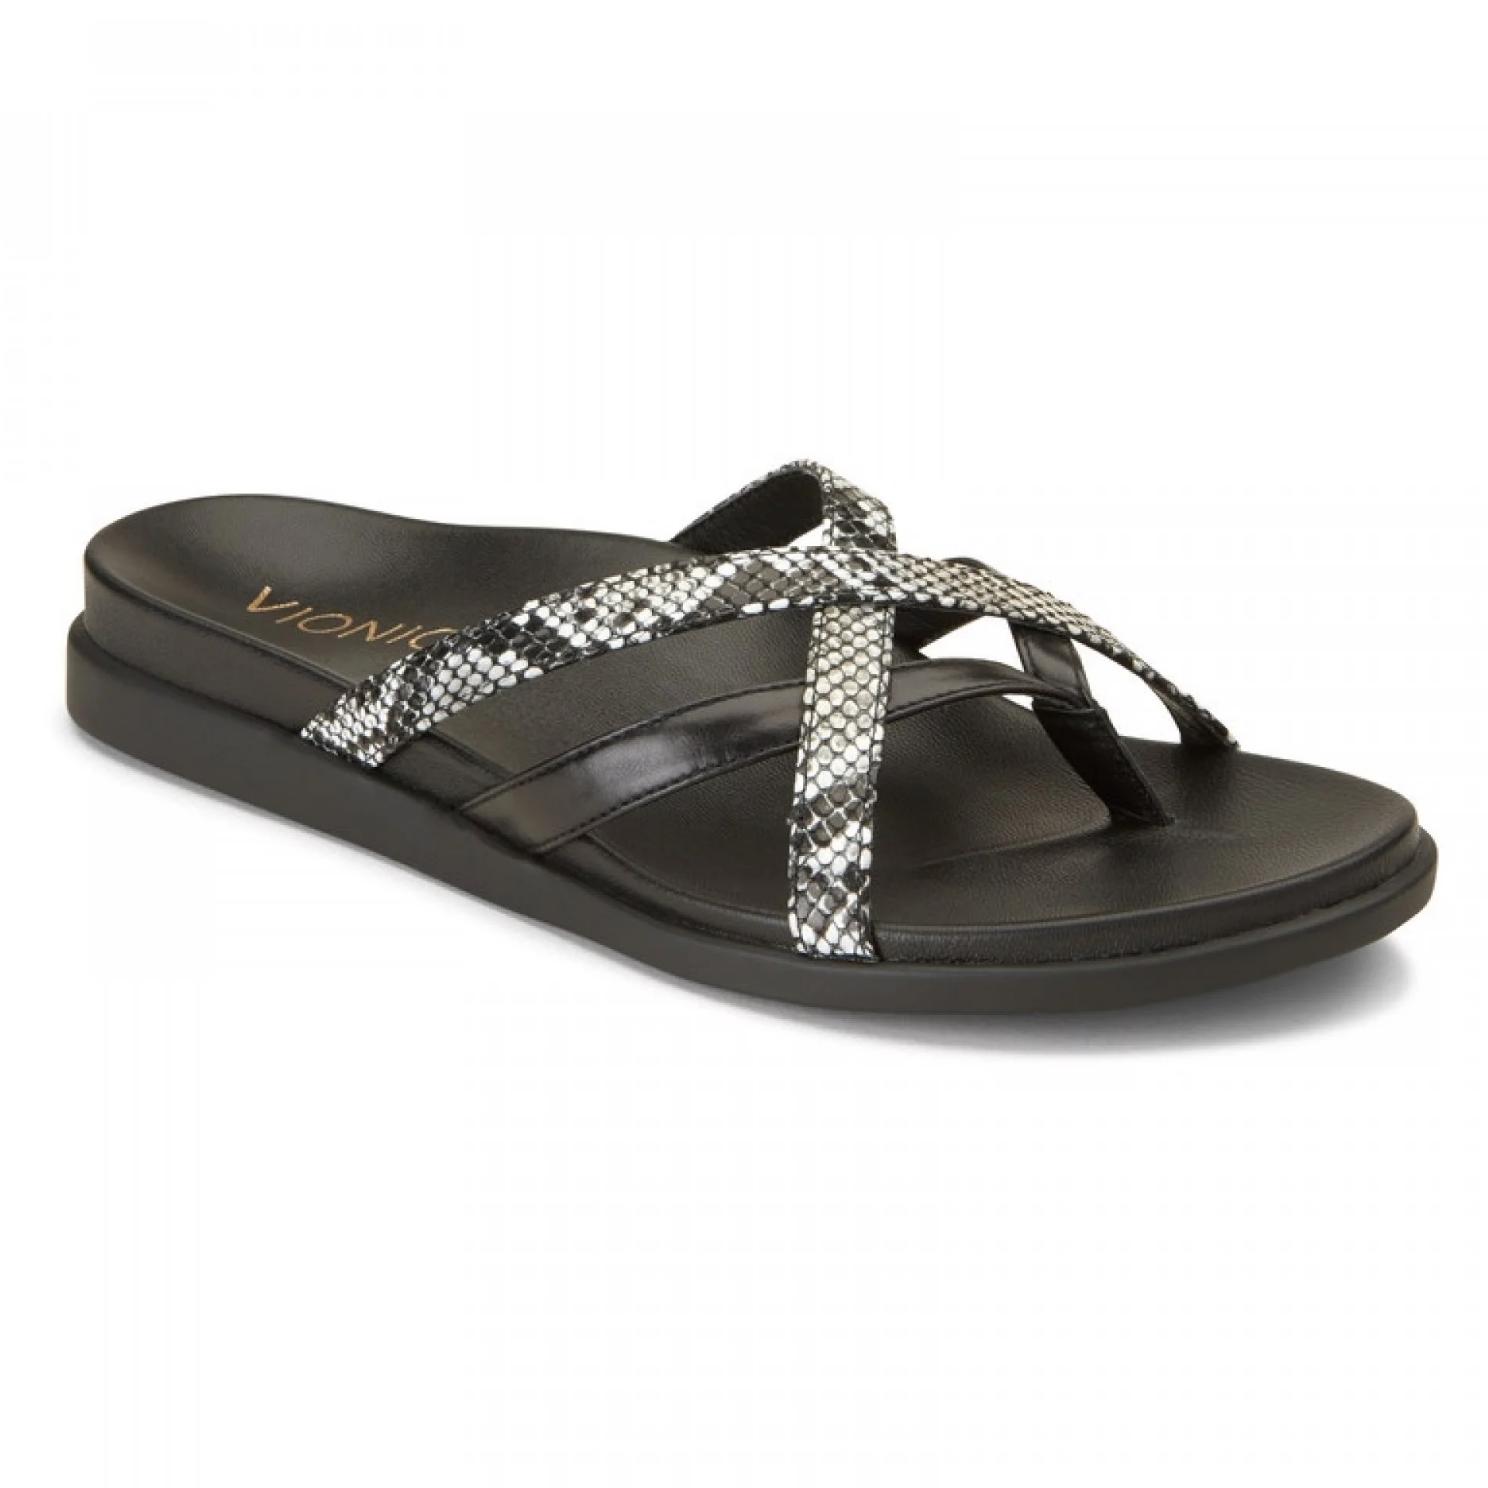 b202ac7d8c62 Vionic Women's Daisy Toe Post Sandal Natural Snake | Birkenstock & More